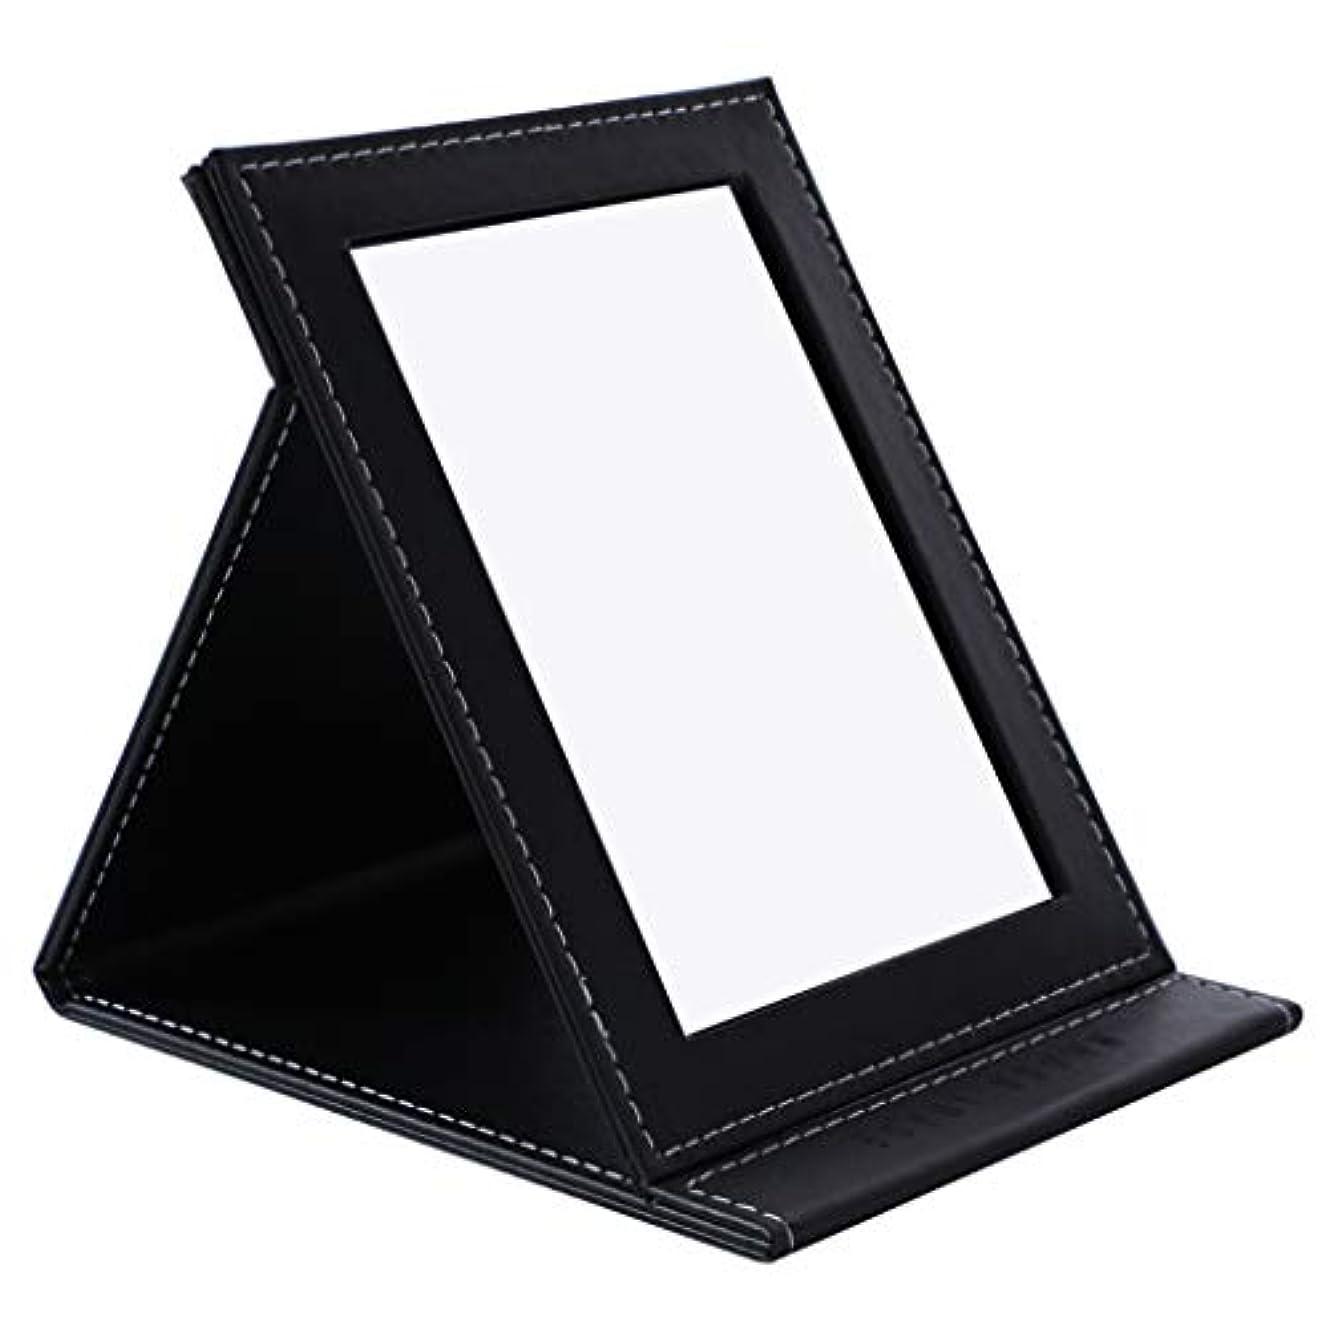 もの然とした郡デスクトップの虚栄心ミラーHD折りたたみミラー卓上化粧鏡ポータブル用女の子学生女性,黒